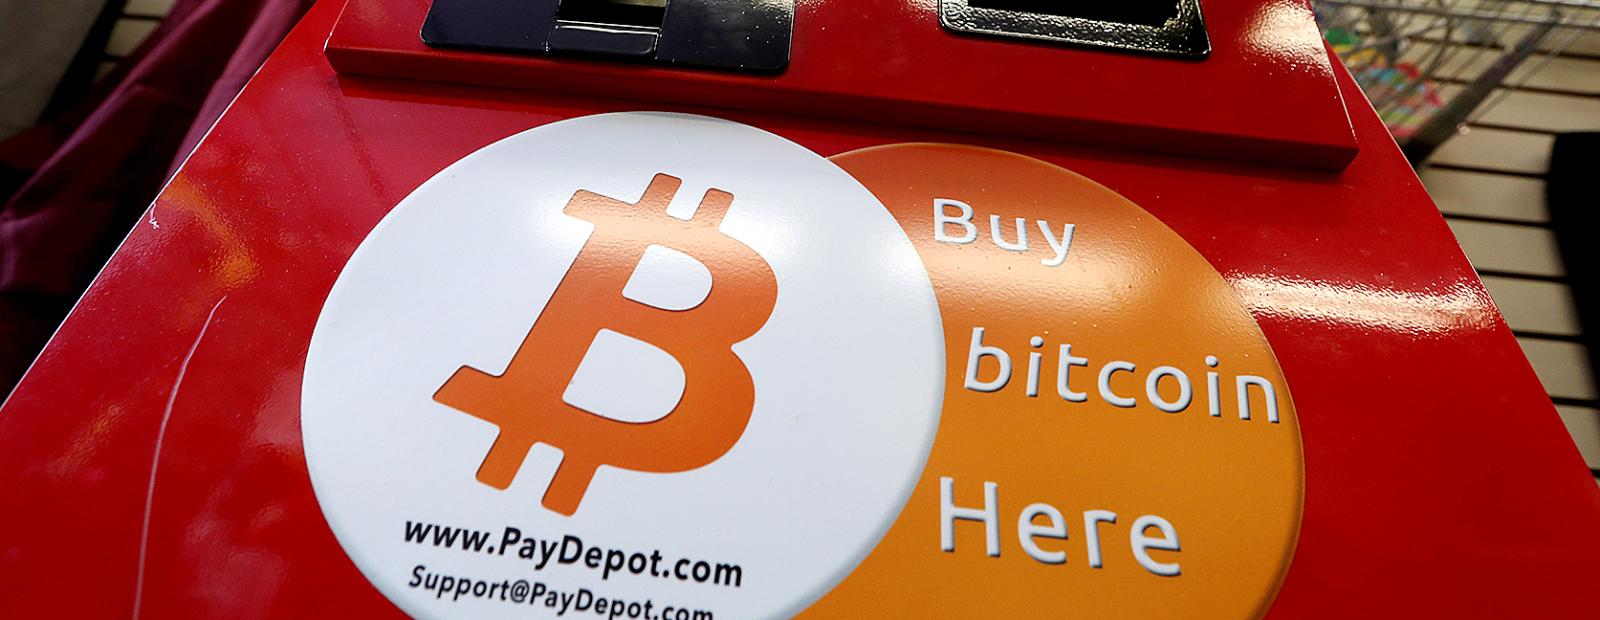 bagātiniet ātrās pensas krājumus kriptovalūtu tirdzniecības dienas